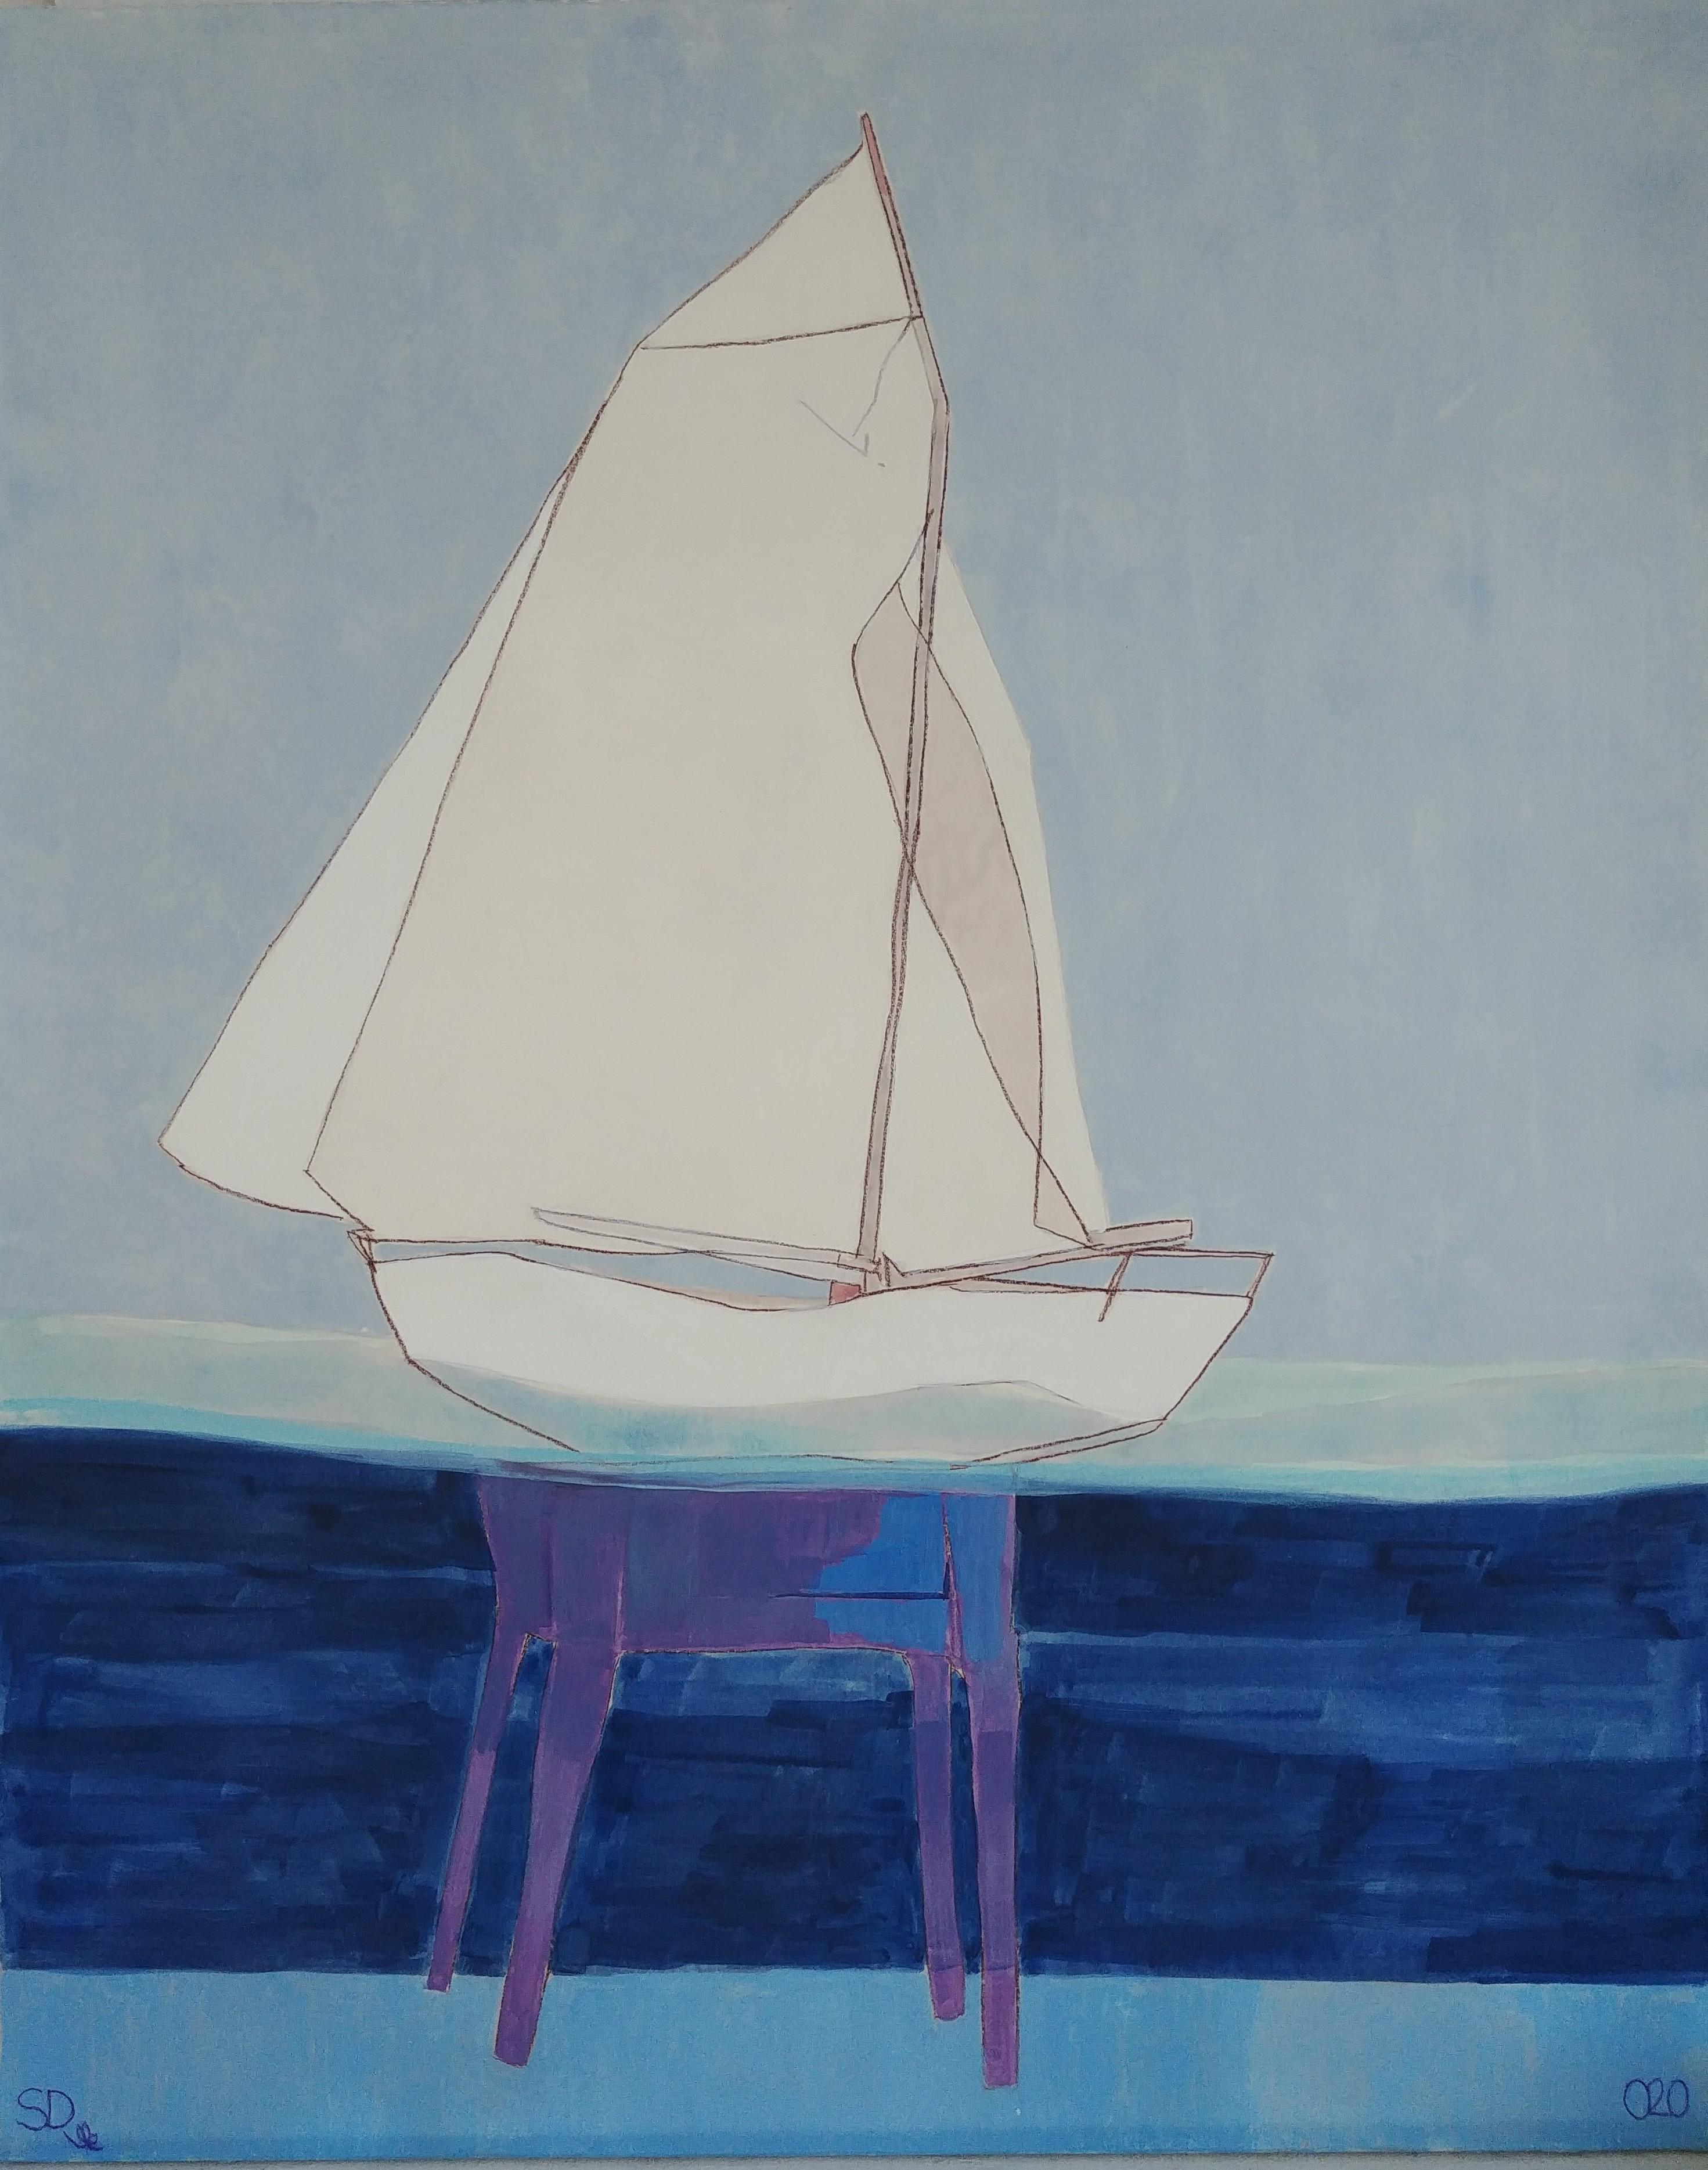 Stephane Dauthuille Exposition Peinture Noirmoutier